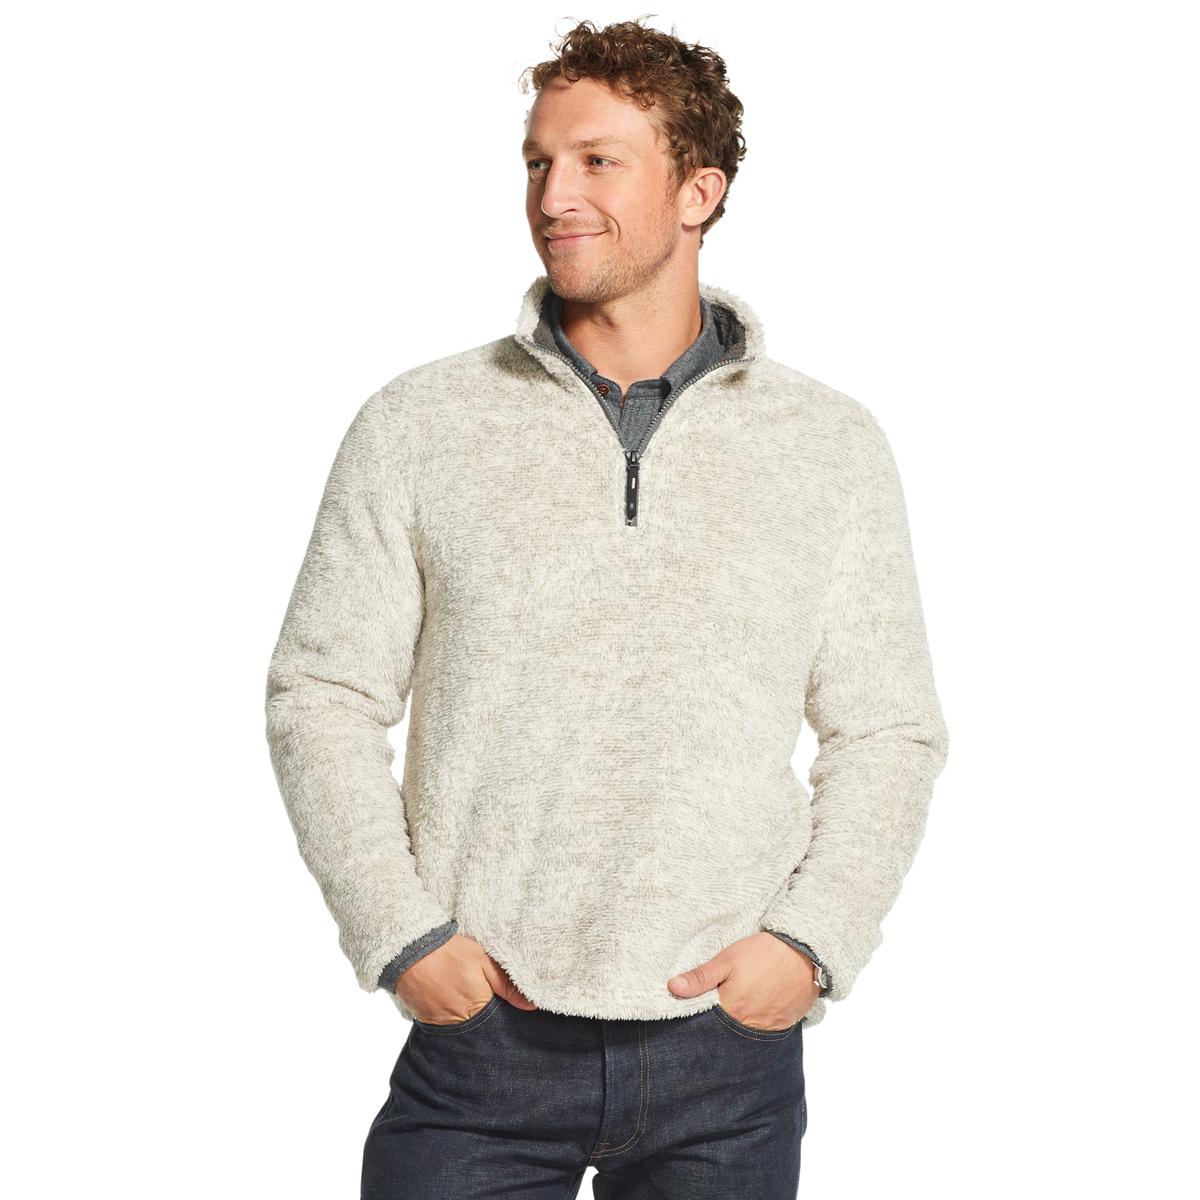 Arrow Men's Gh Bass Sherpa Melange Quarter Zip Fleece Pullover - Black, XL